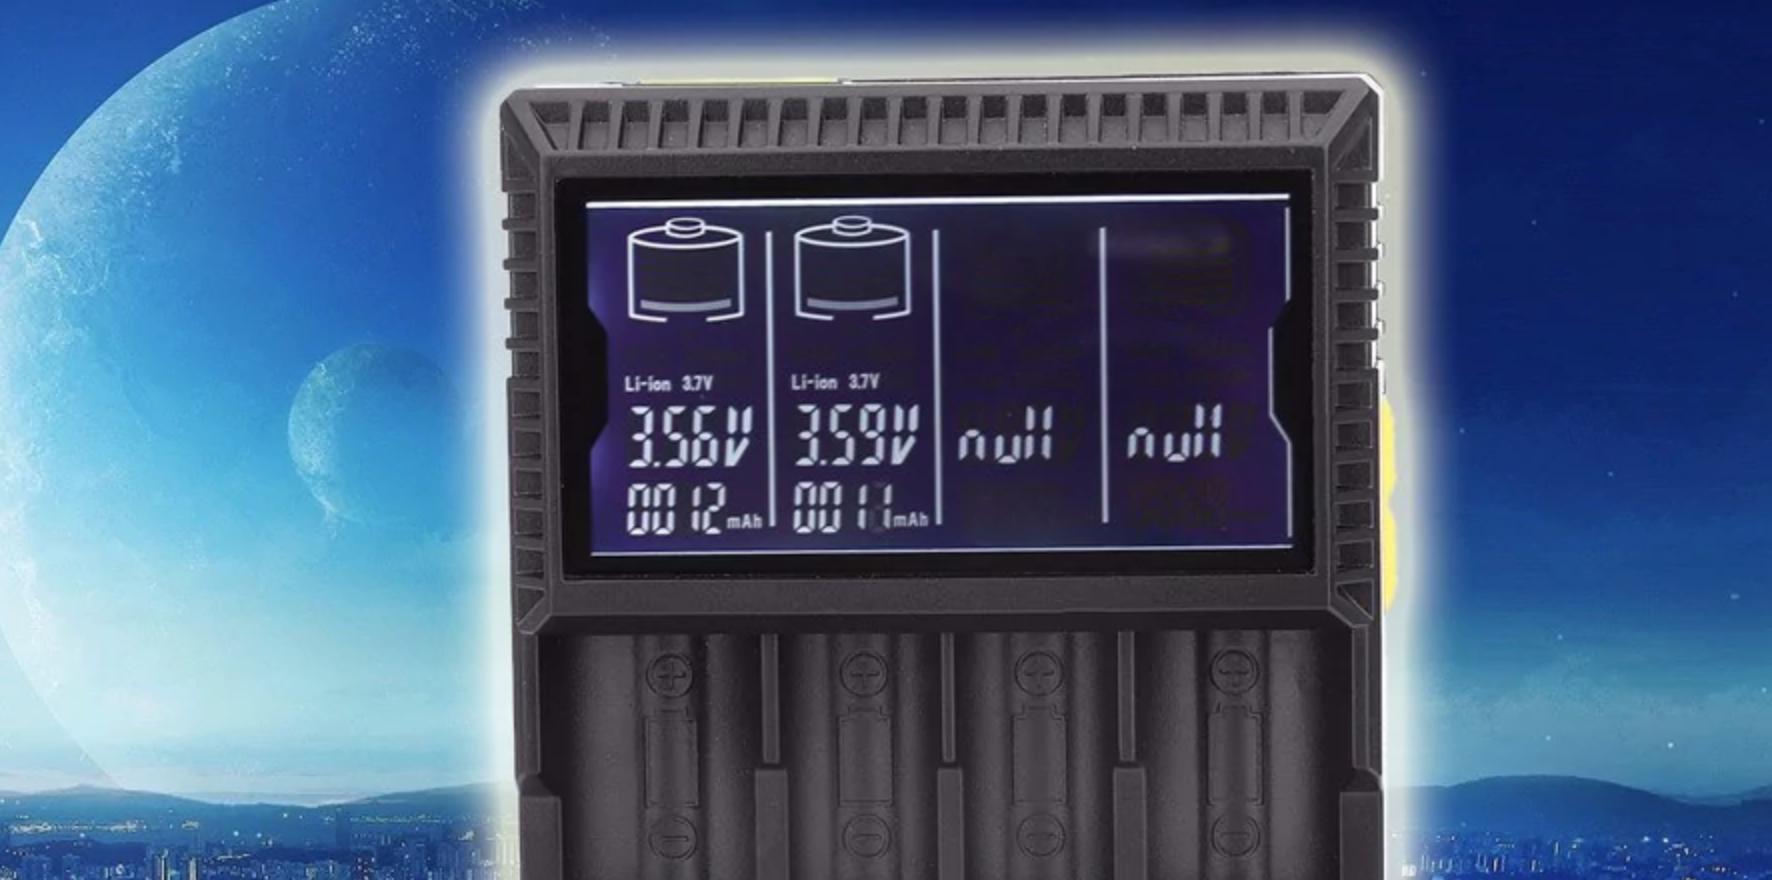 c6a573eb1f2abd567367949993c9f124 - 【レビュー】18650、4本高速充電!「GOLISI L4 Intelligent Digi Charger」は低価格で液晶がカッコイイ!【バッテリーチャージャー】